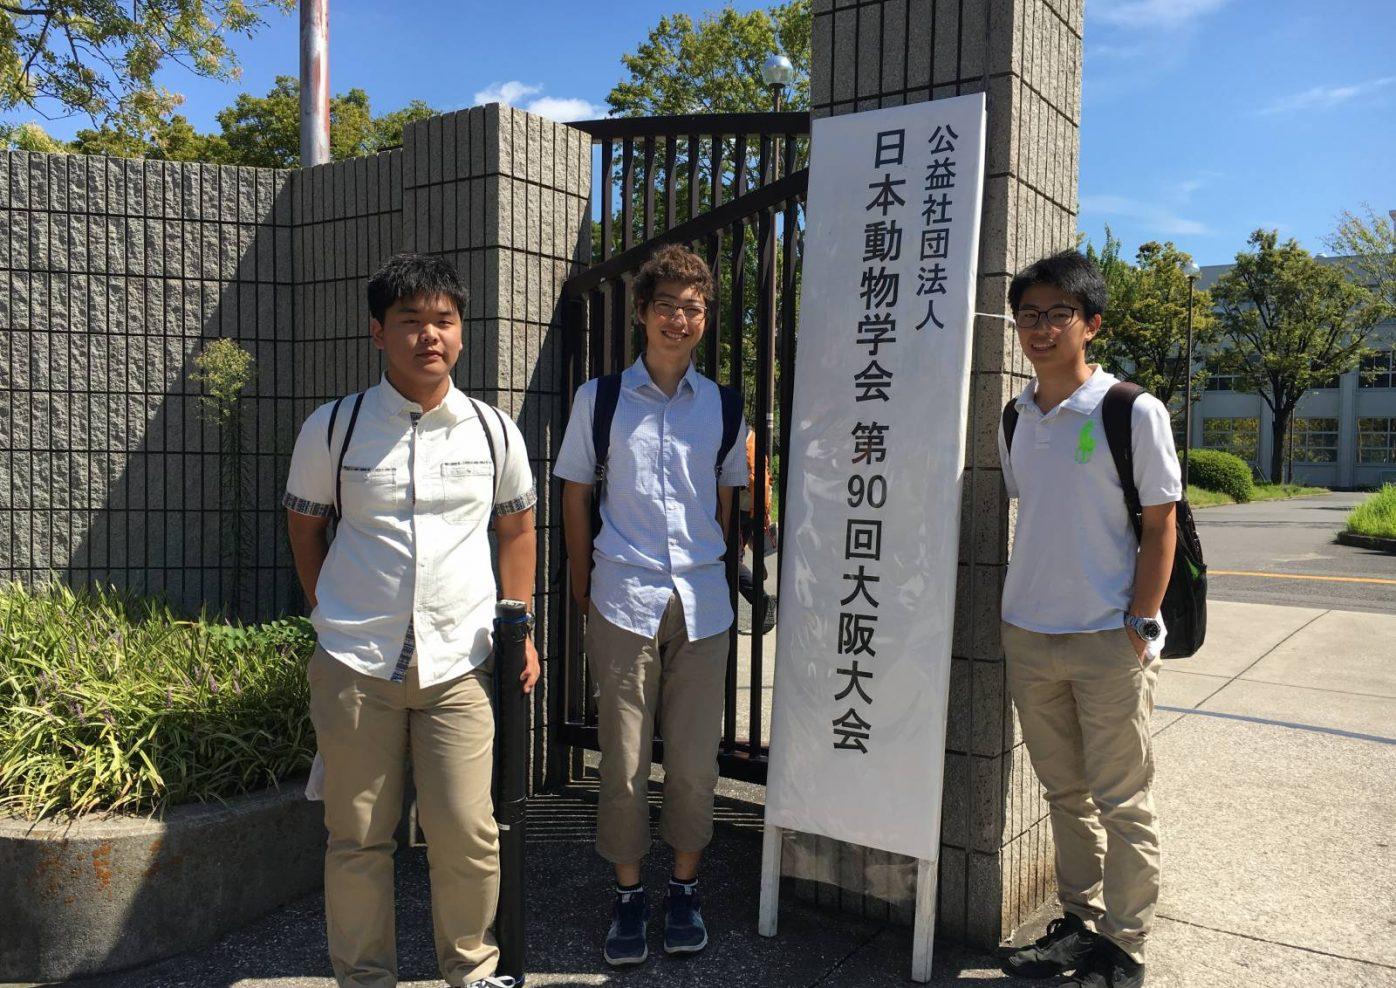 日本動物学会高校生ポスター発表に参加